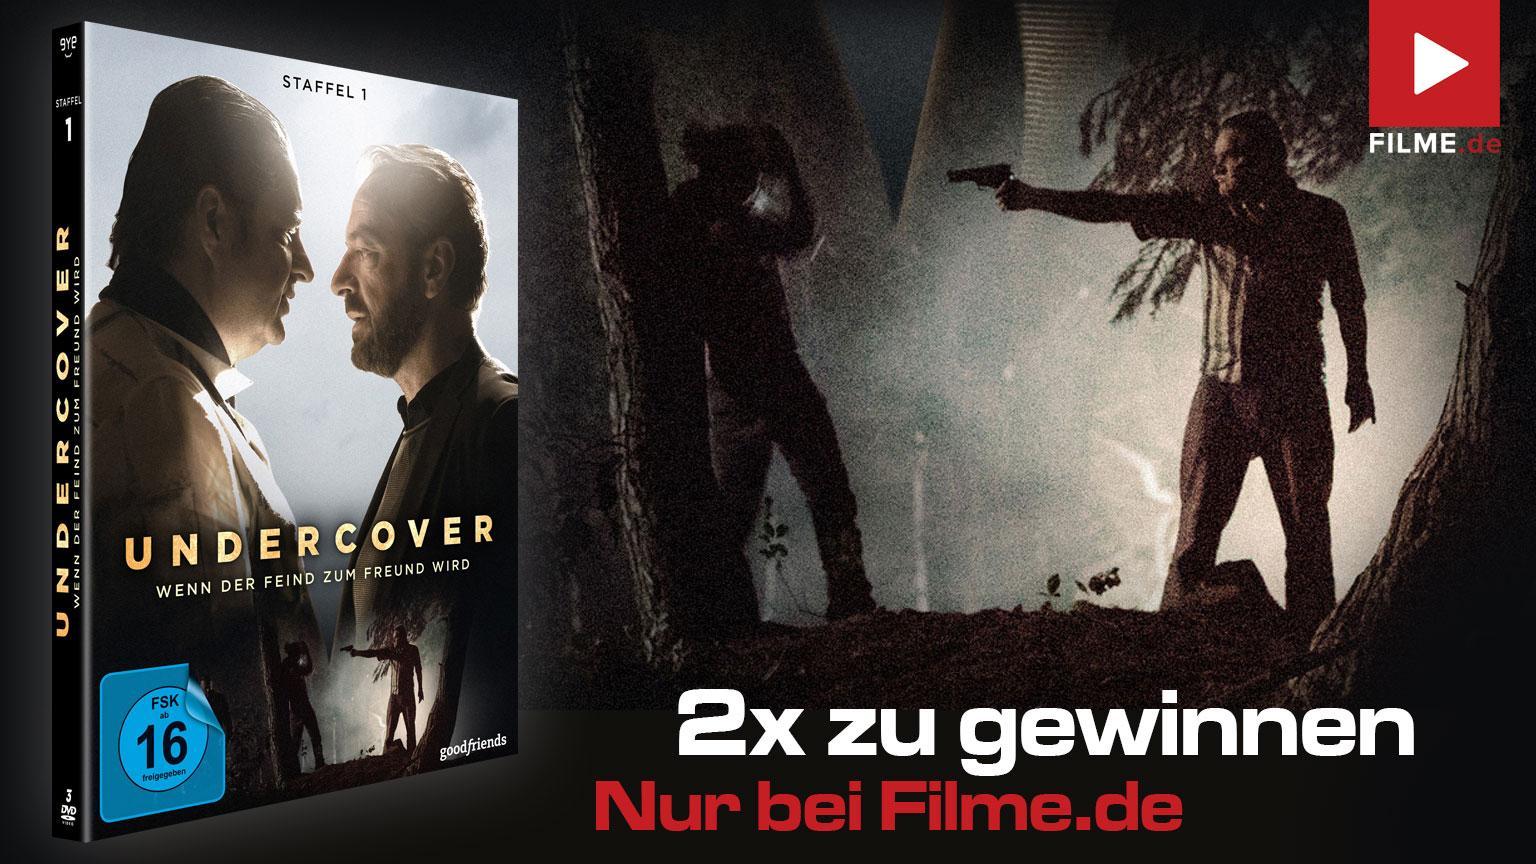 Undercover Staffel 1 Gewinnspiel Artikelbild